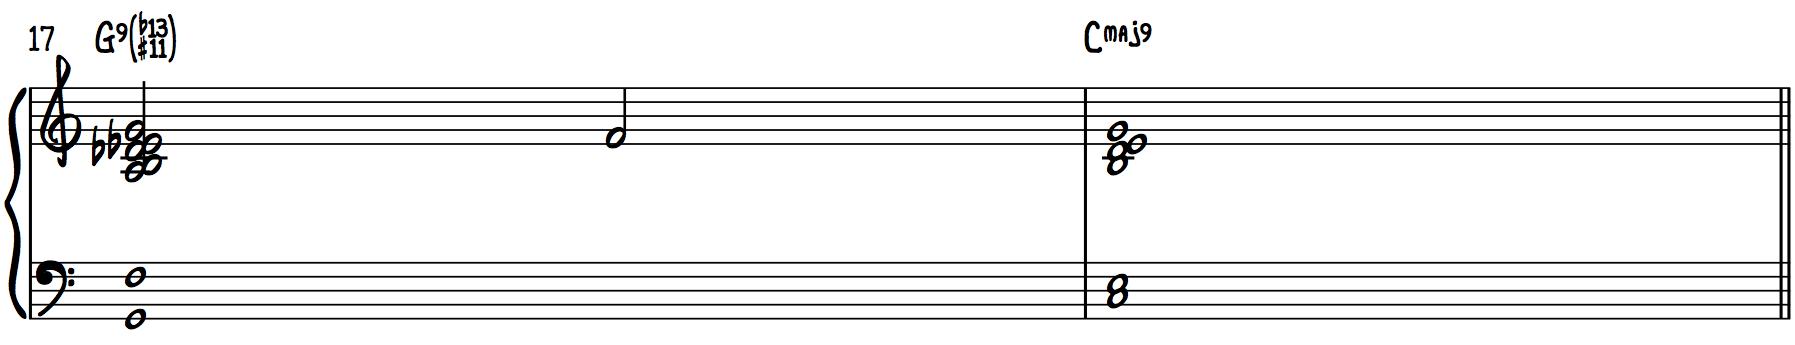 Dream Chords (b13, #11 Chords)